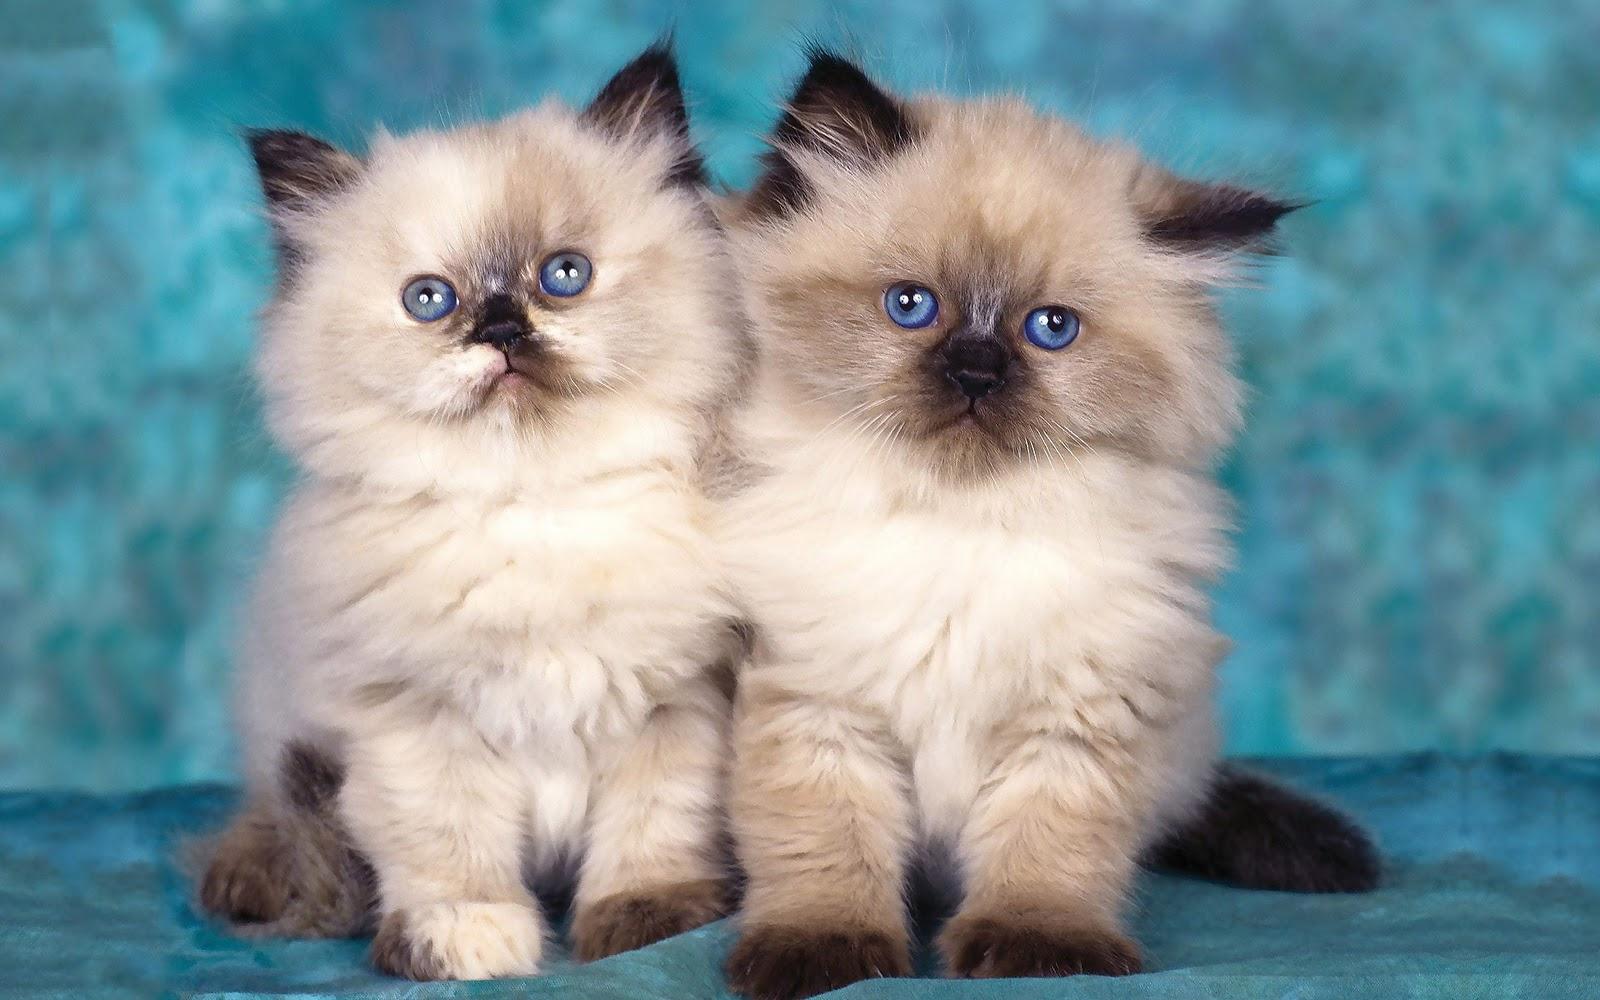 Bureaublad achtergrond met jonge katjes met blauwe ogen